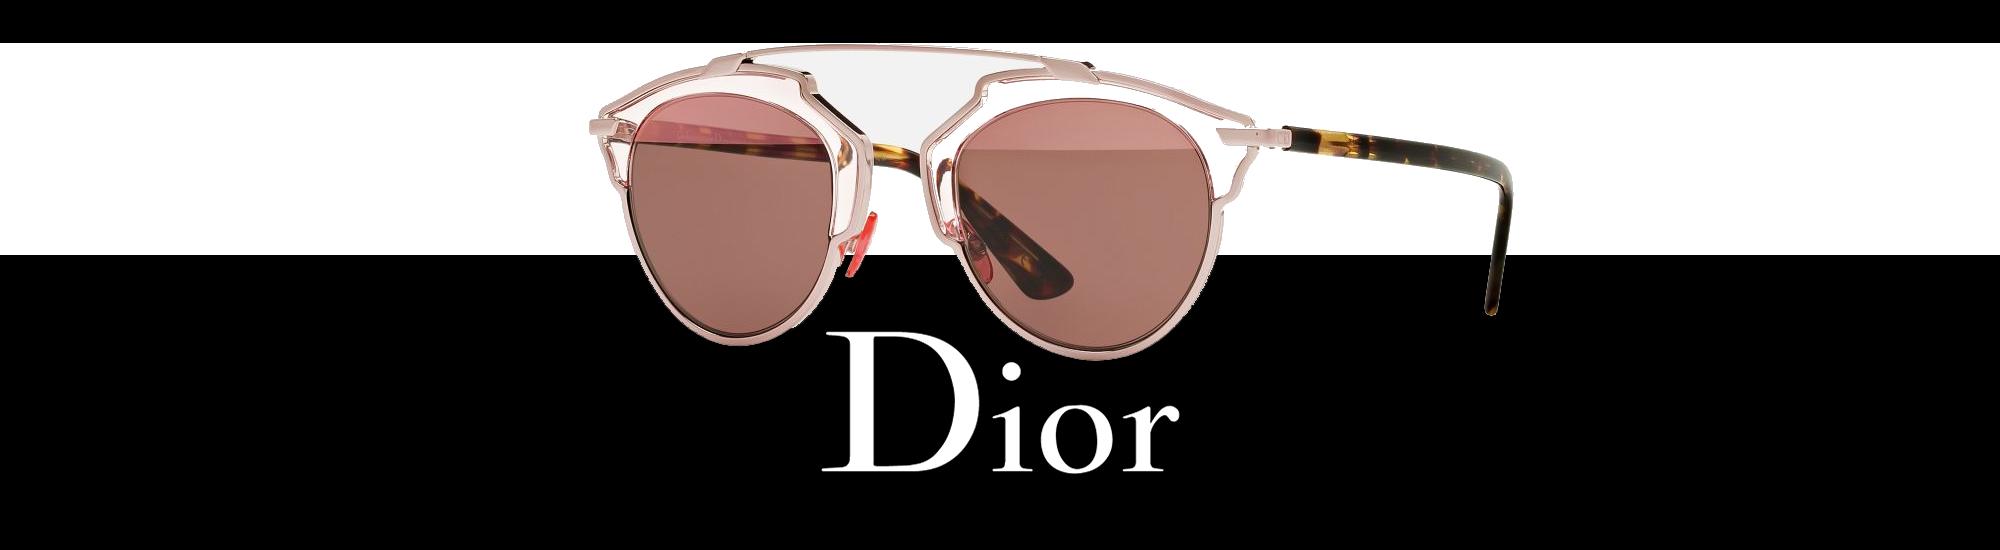 dior-soreal-rosegold-promos - EDGAR Optique 66a1dda055c4